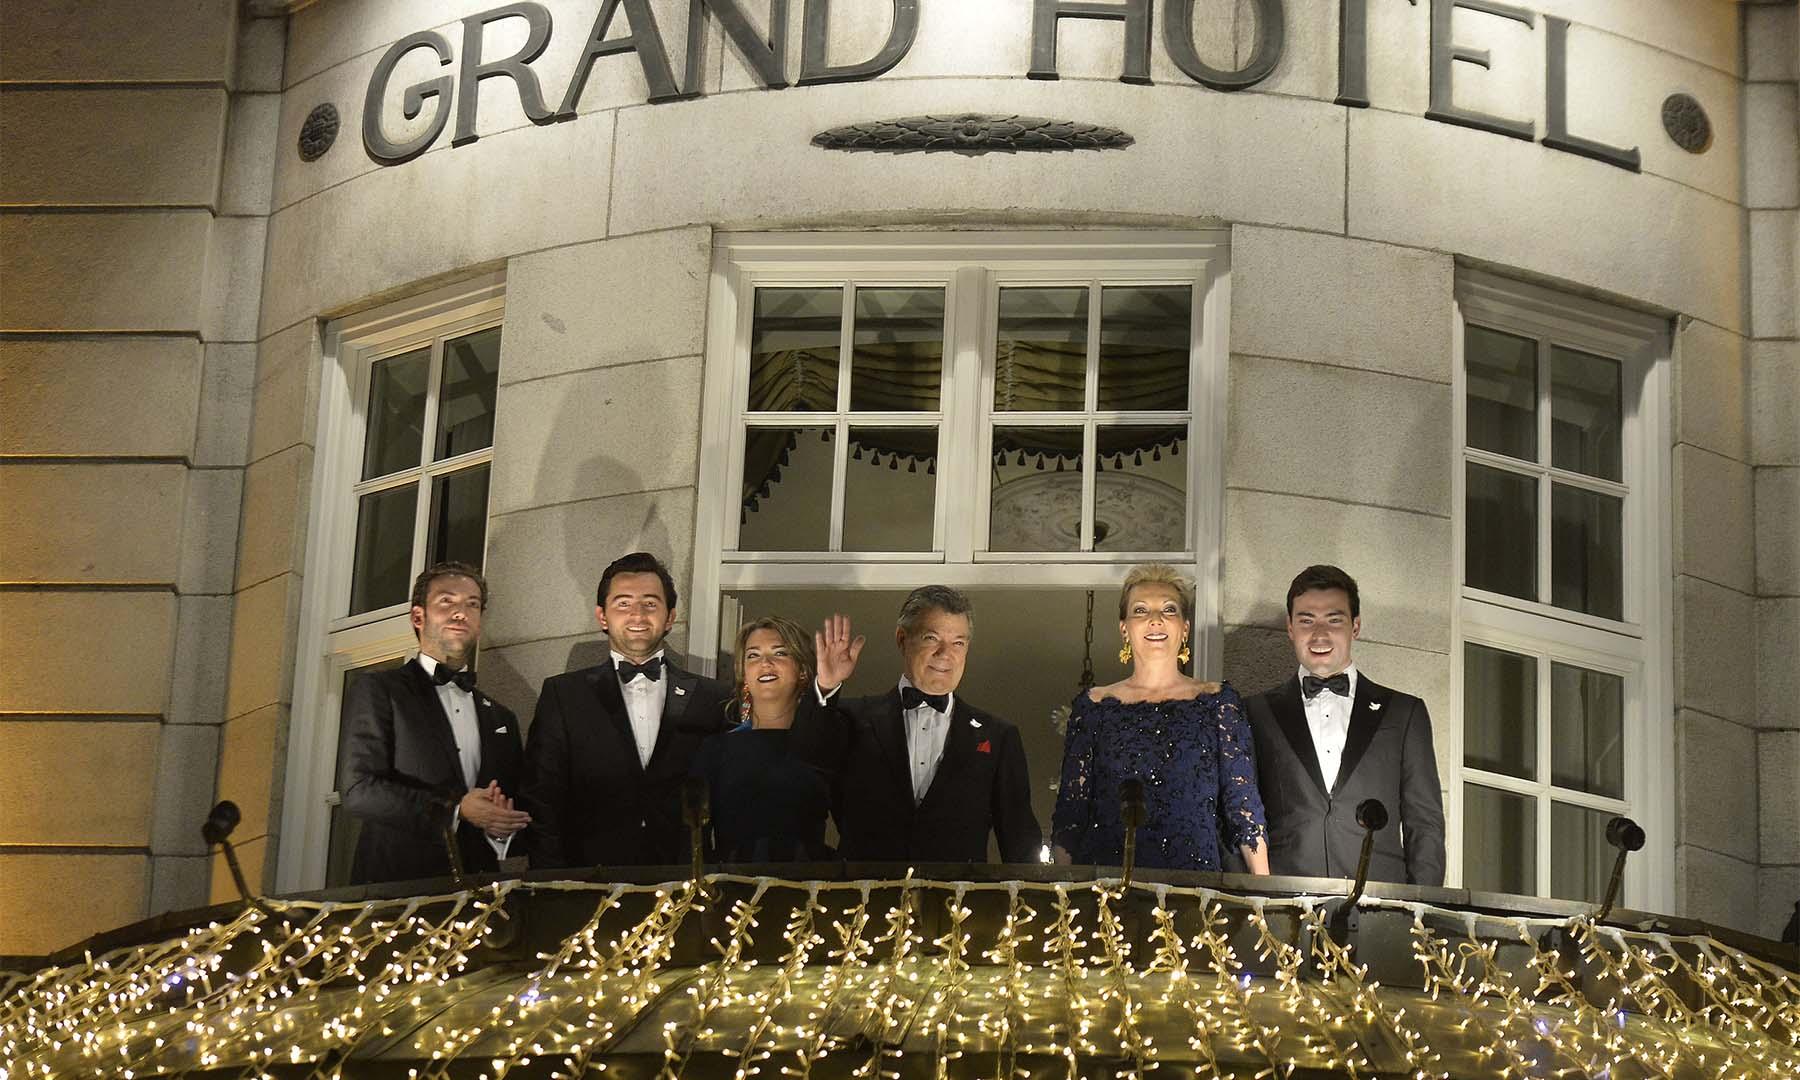 La Familia Presidencial de Colombia sale al balcón del Grand Hotel para apreciar el agasajo con el que es recibido el Jefe del Estado, Juan Manuel Santos, luego de que le fue otorgado el Premio Nobel de Paz 2016.